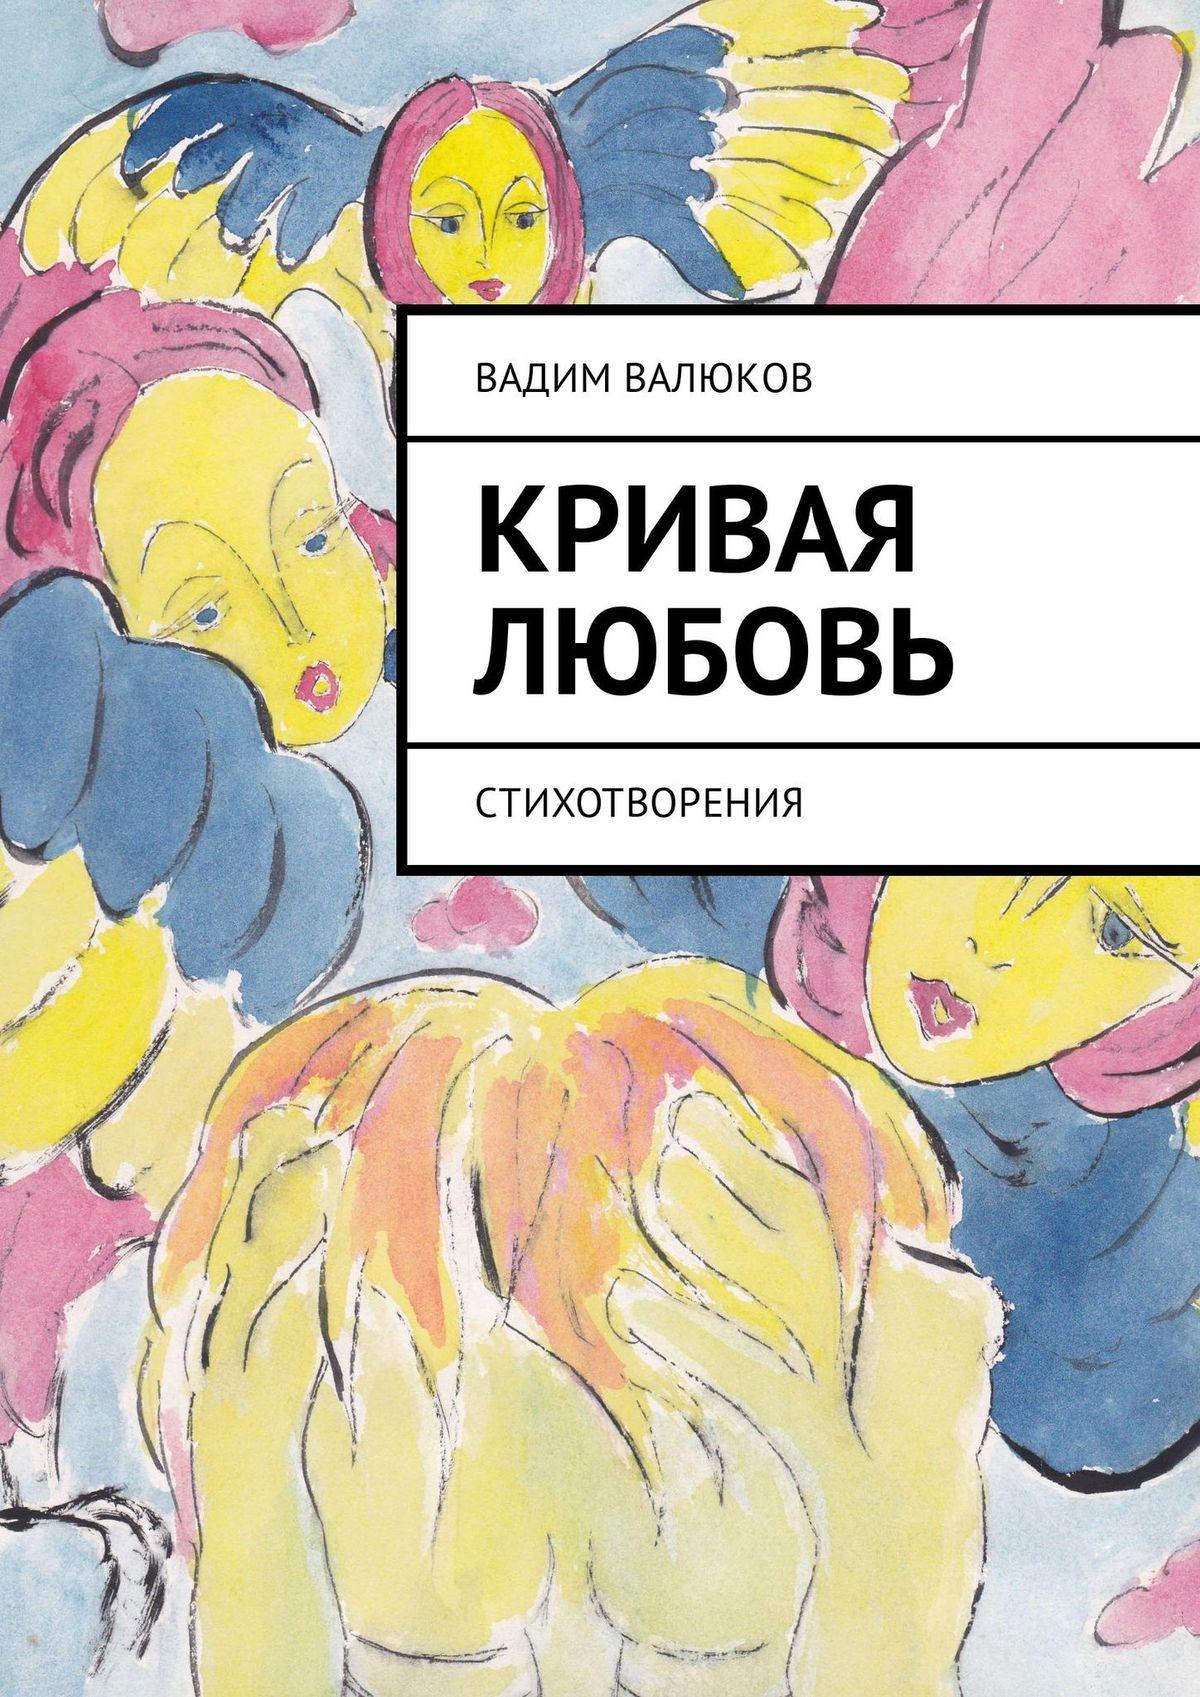 Вадим Валюков Кривая любовь. Стихотворения вадим валюков кривая любовь